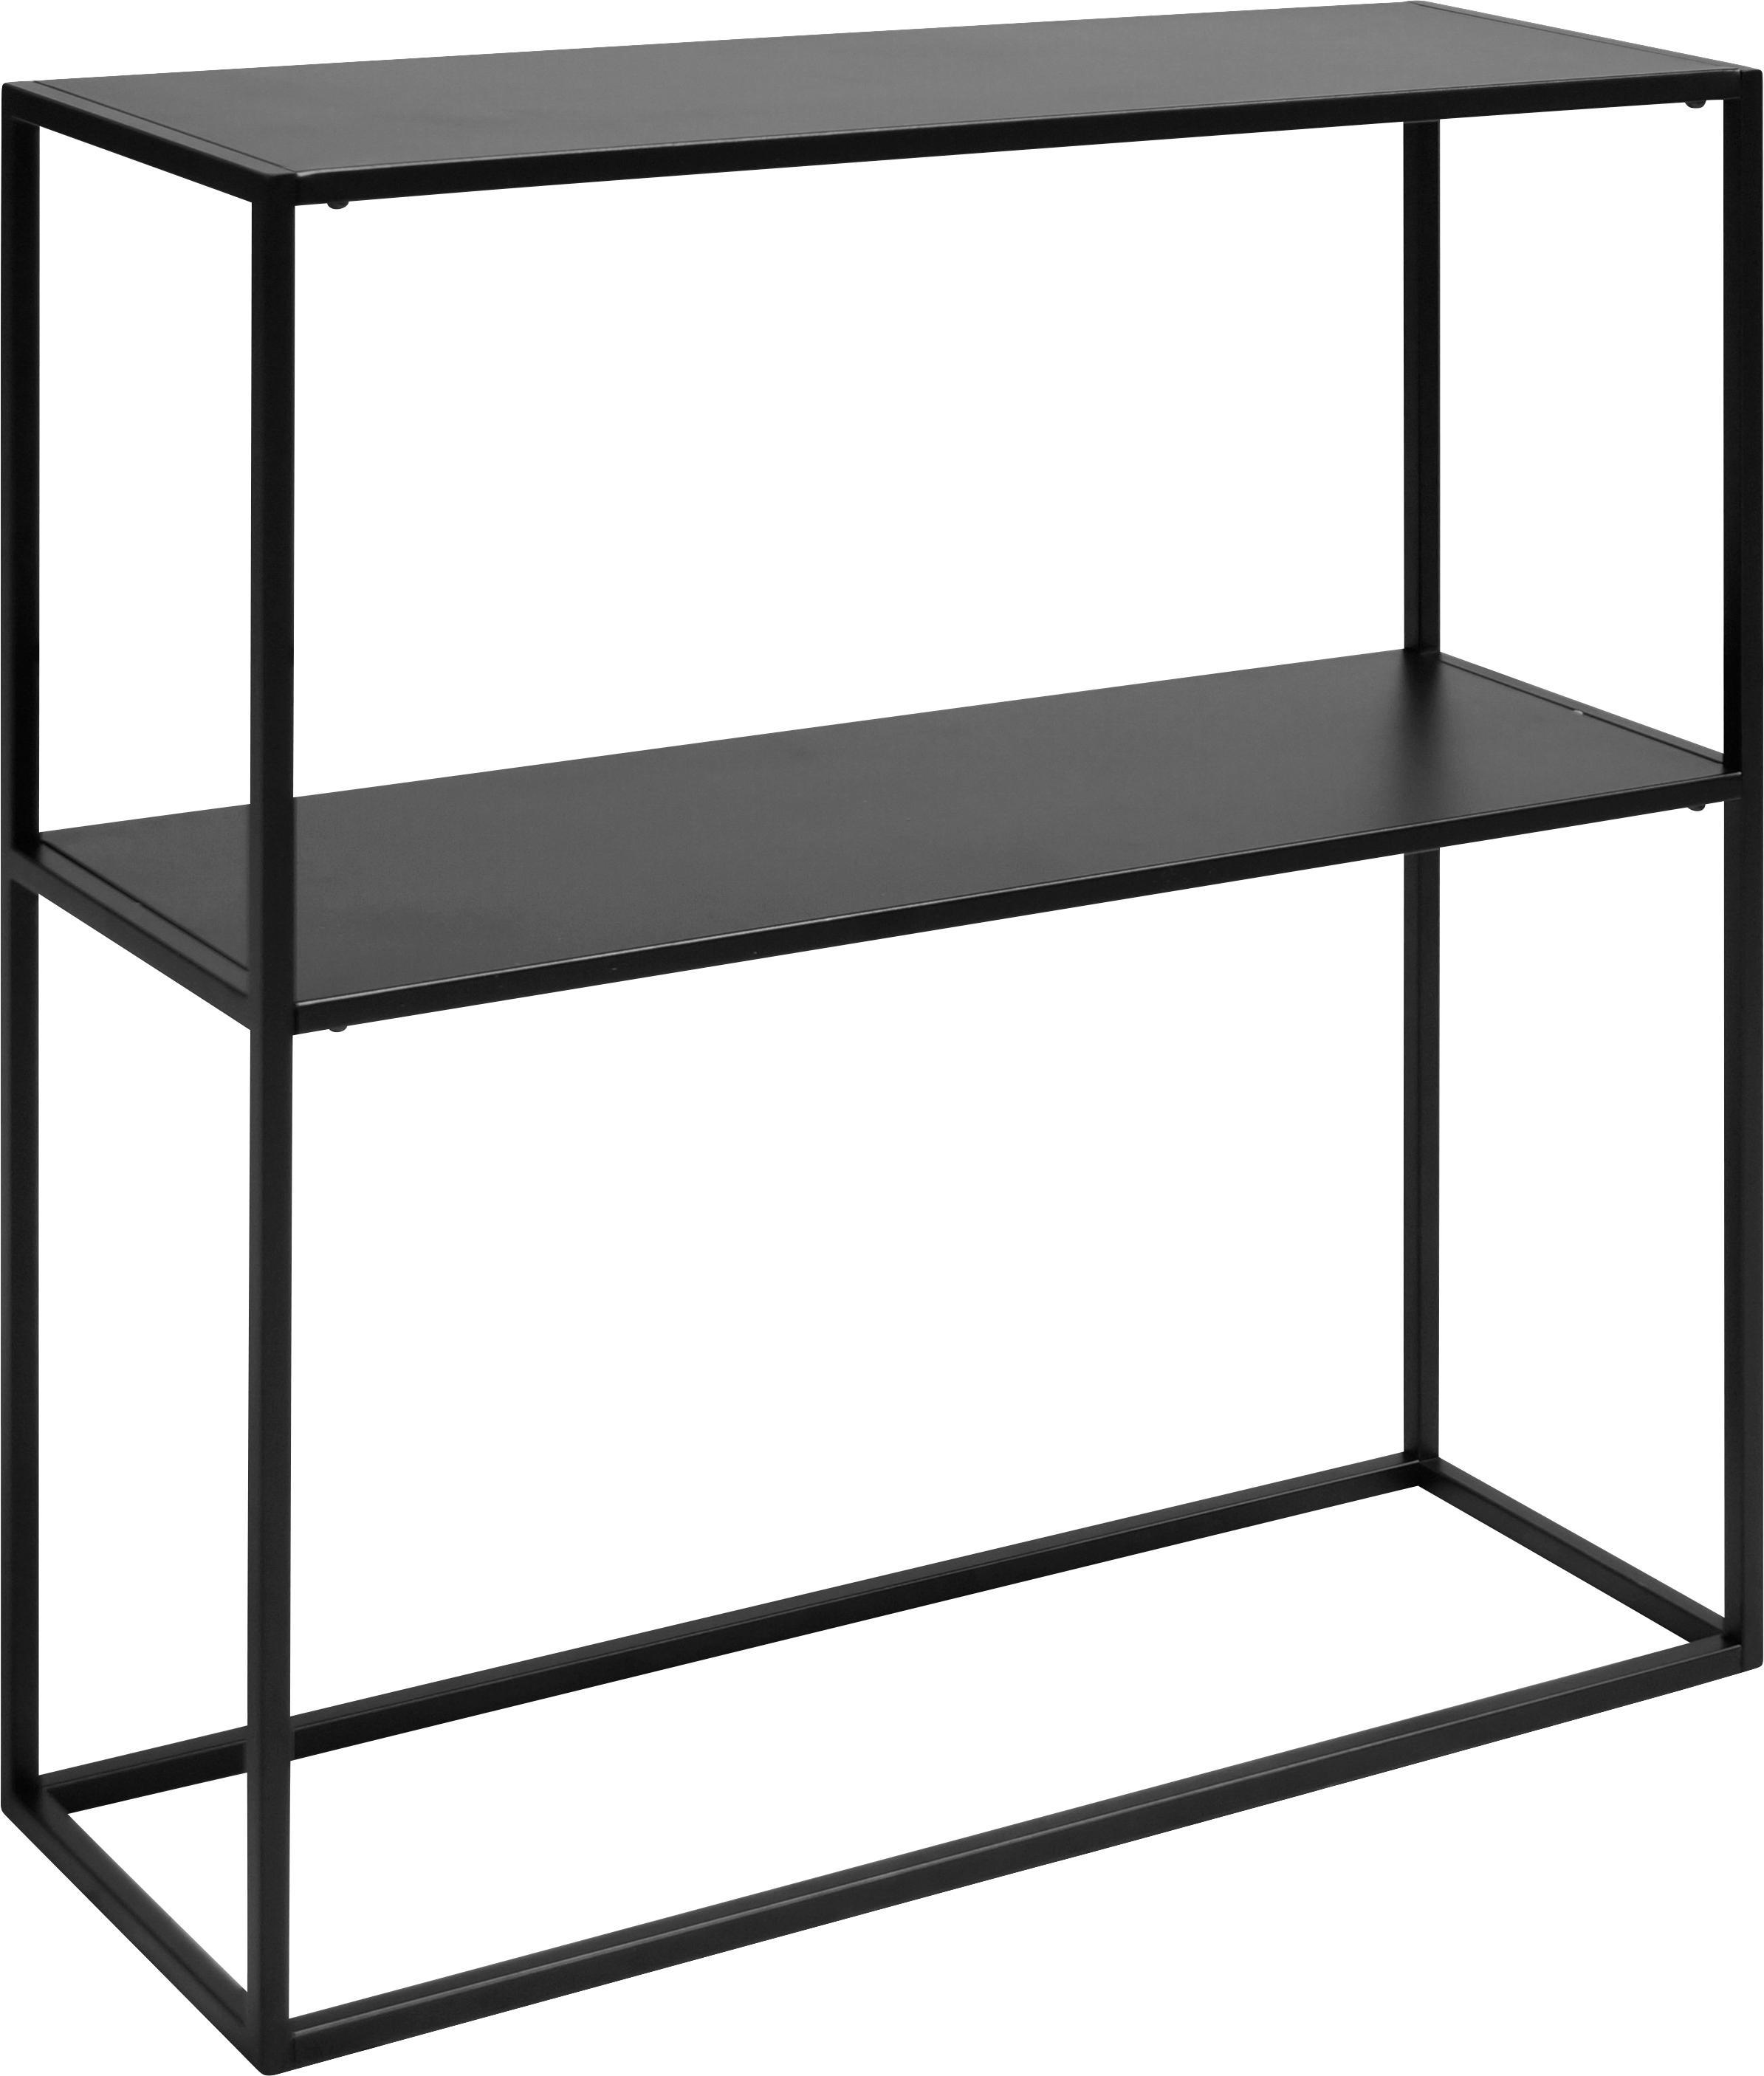 Scaffale in metallo nero Newton, Metallo verniciato a polvere, Nero, Larg. 80 x Prof. 80 cm